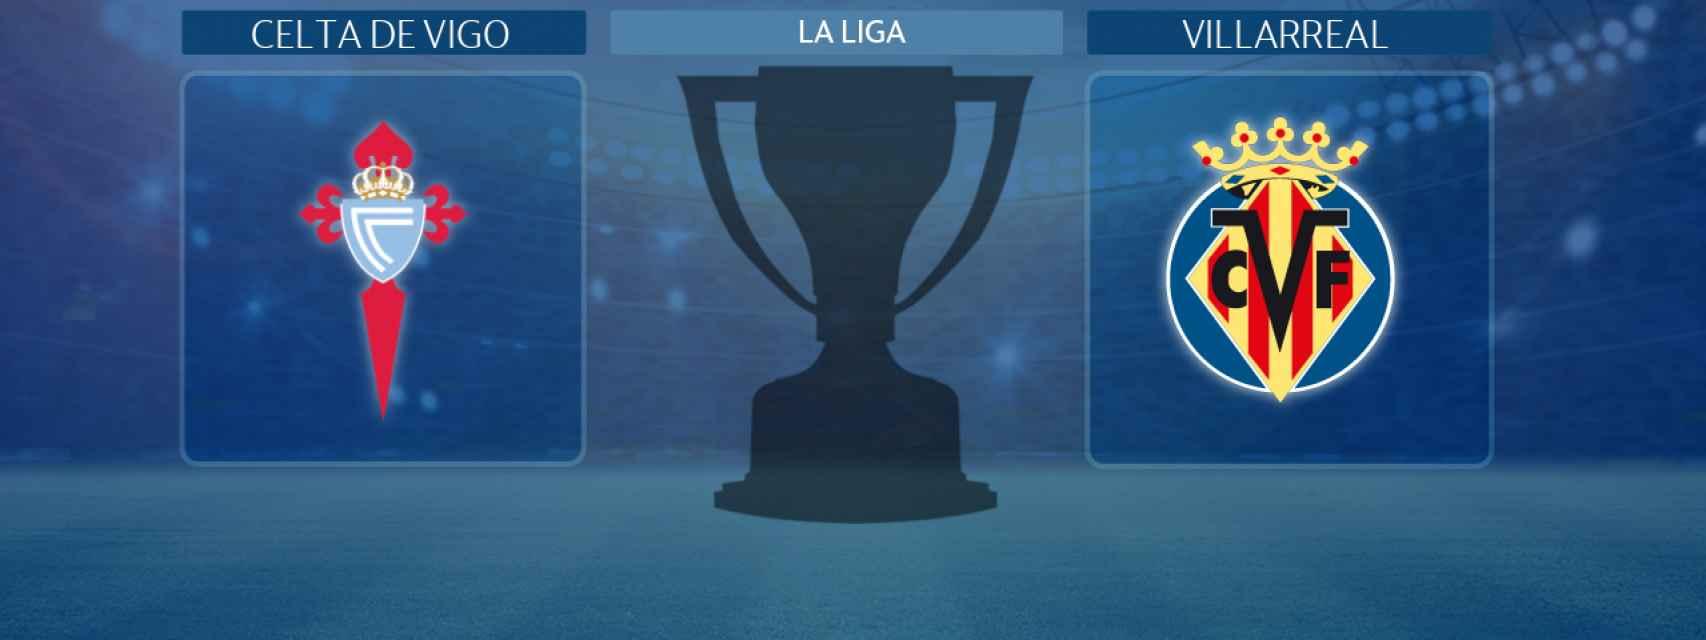 Celta de Vigo - Villarreal, partido de La Liga